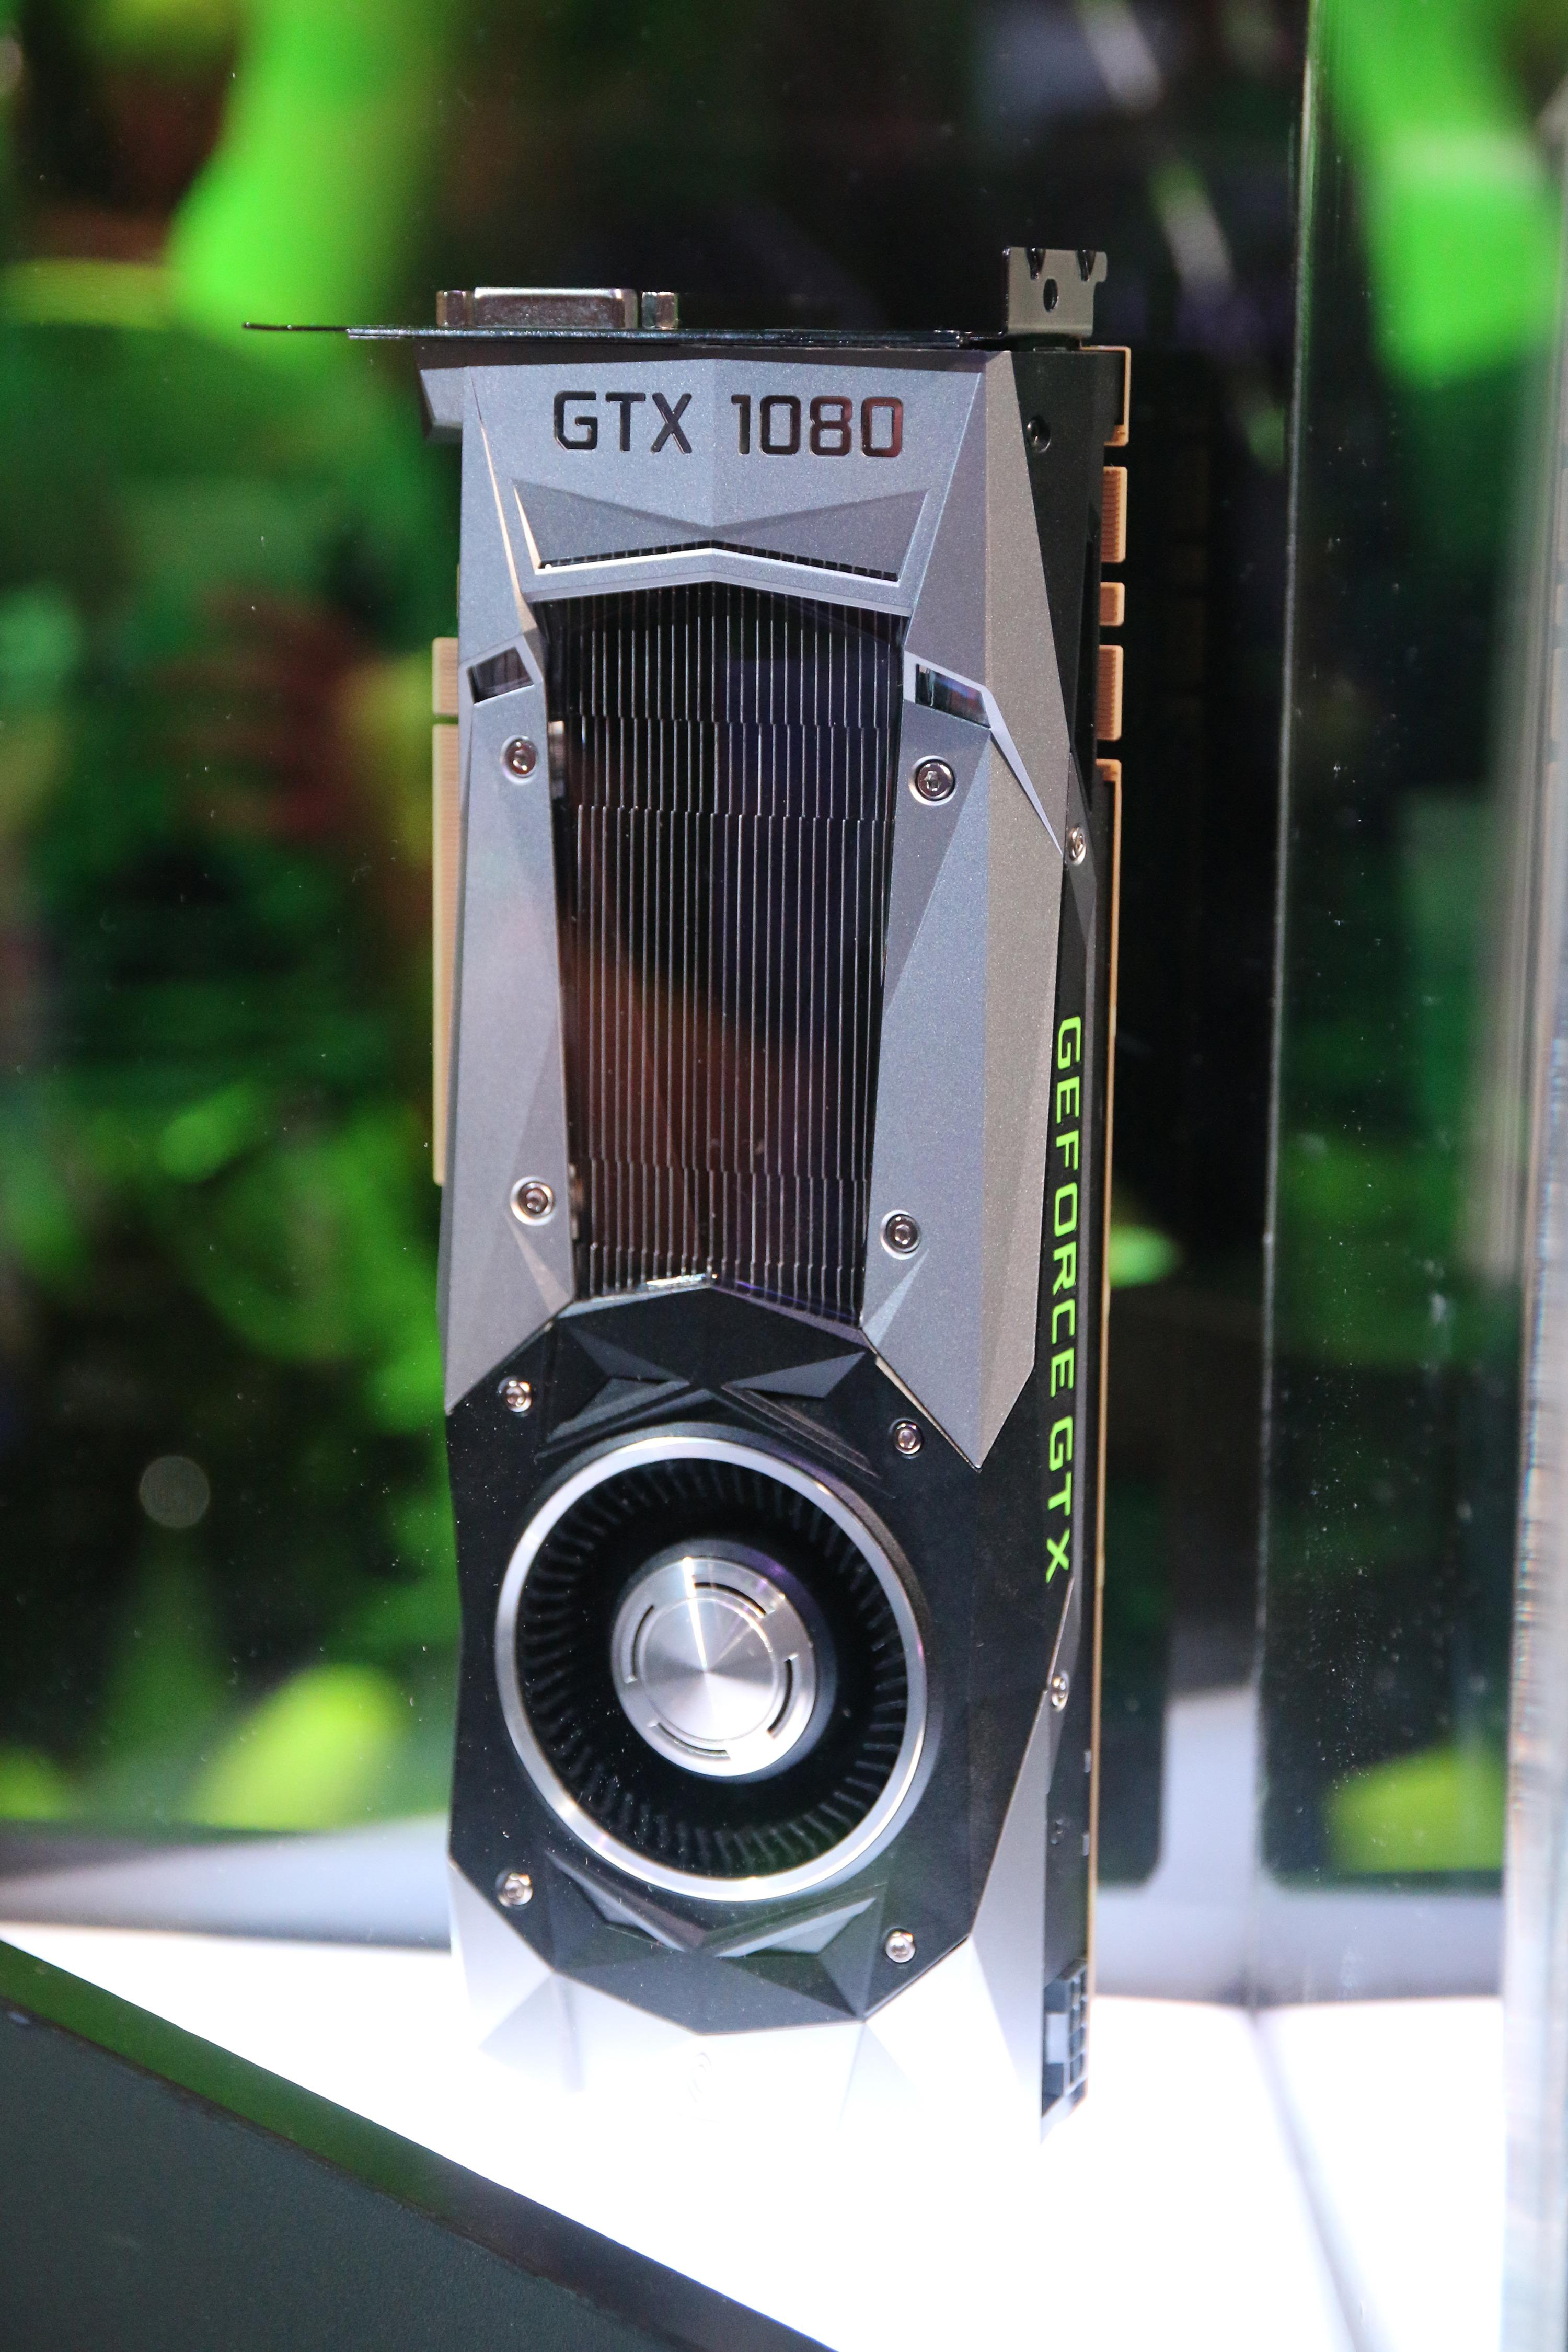 Slik ser Nvidias GTX 1080 Founders Edition ut...akkurat som lekkasjene vi har sett de siste ukene antydet.